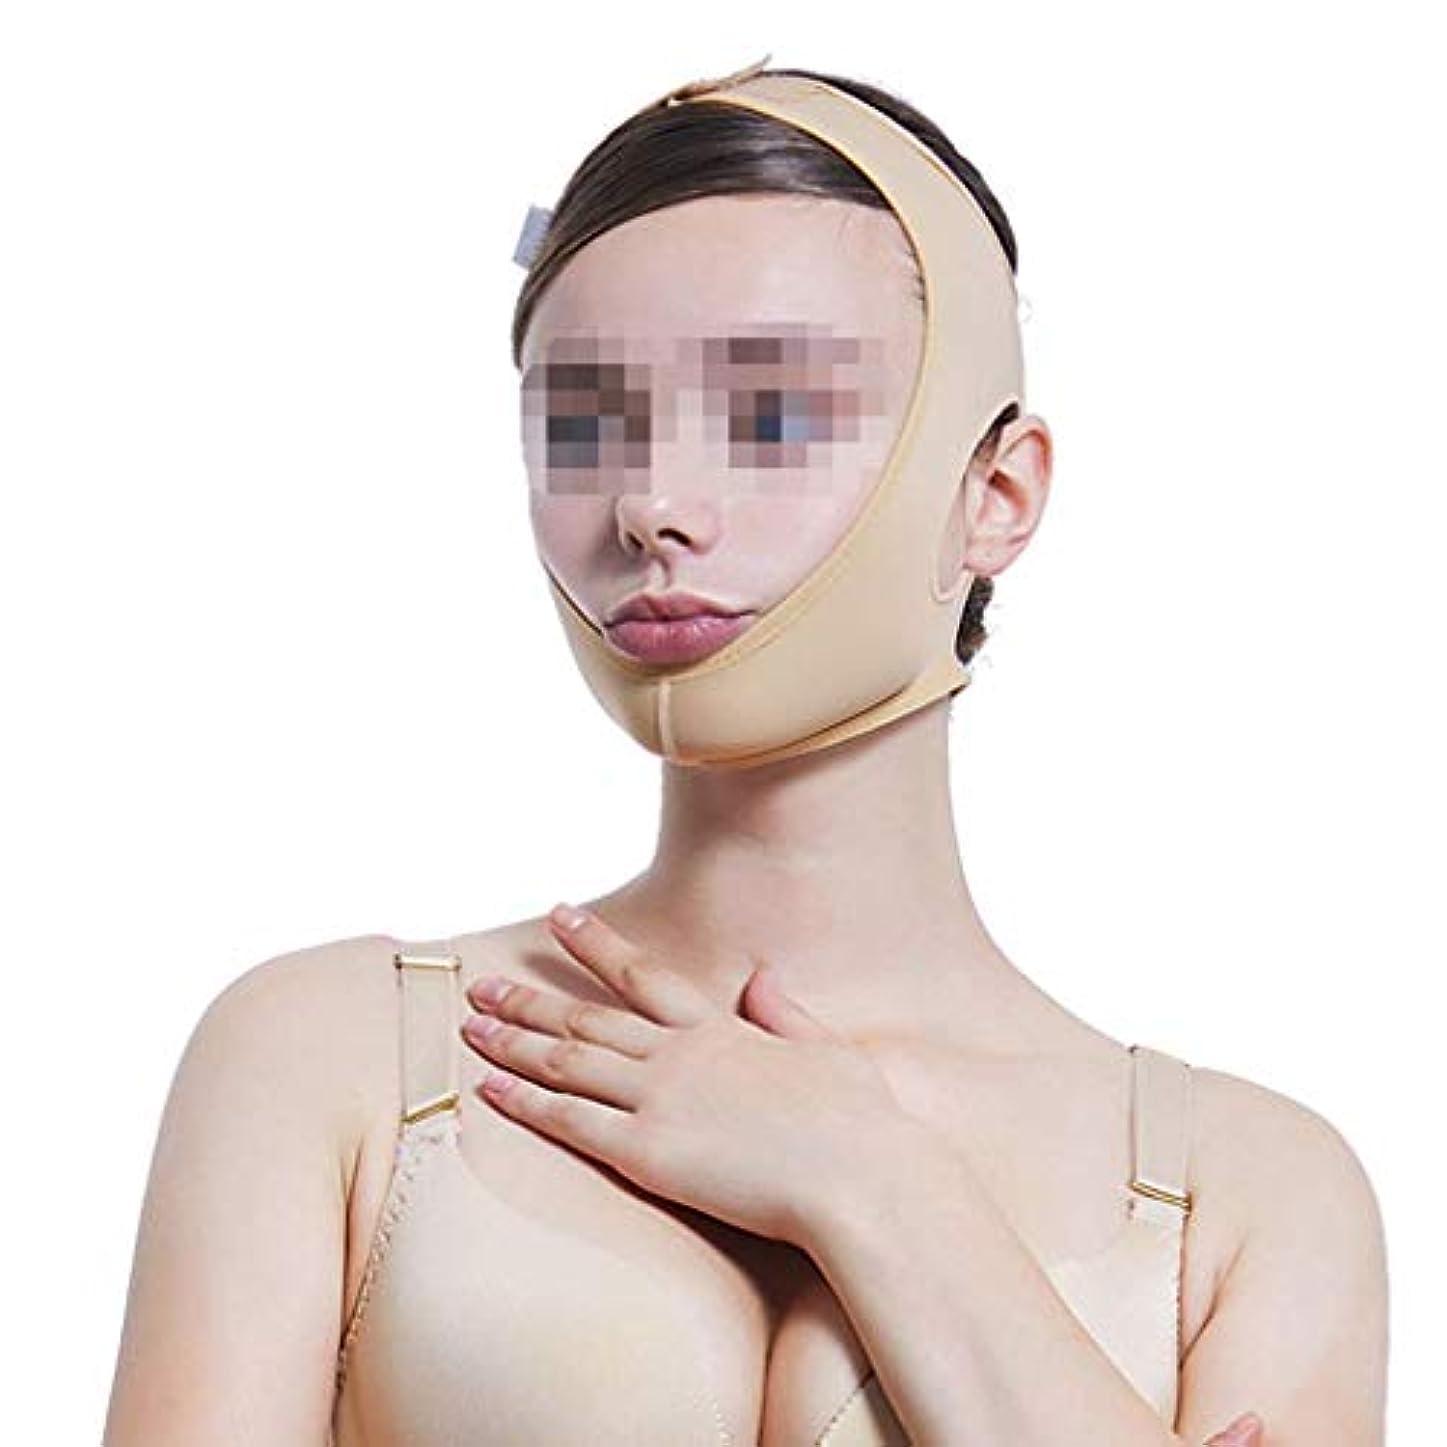 項目スパーク雰囲気ビームフェイス弾性ヘッドギア、ダブルあごのあごのセットをマスクの後に線彫り薄いフェイス包帯マルチサイズオプション(サイズ:XS),S